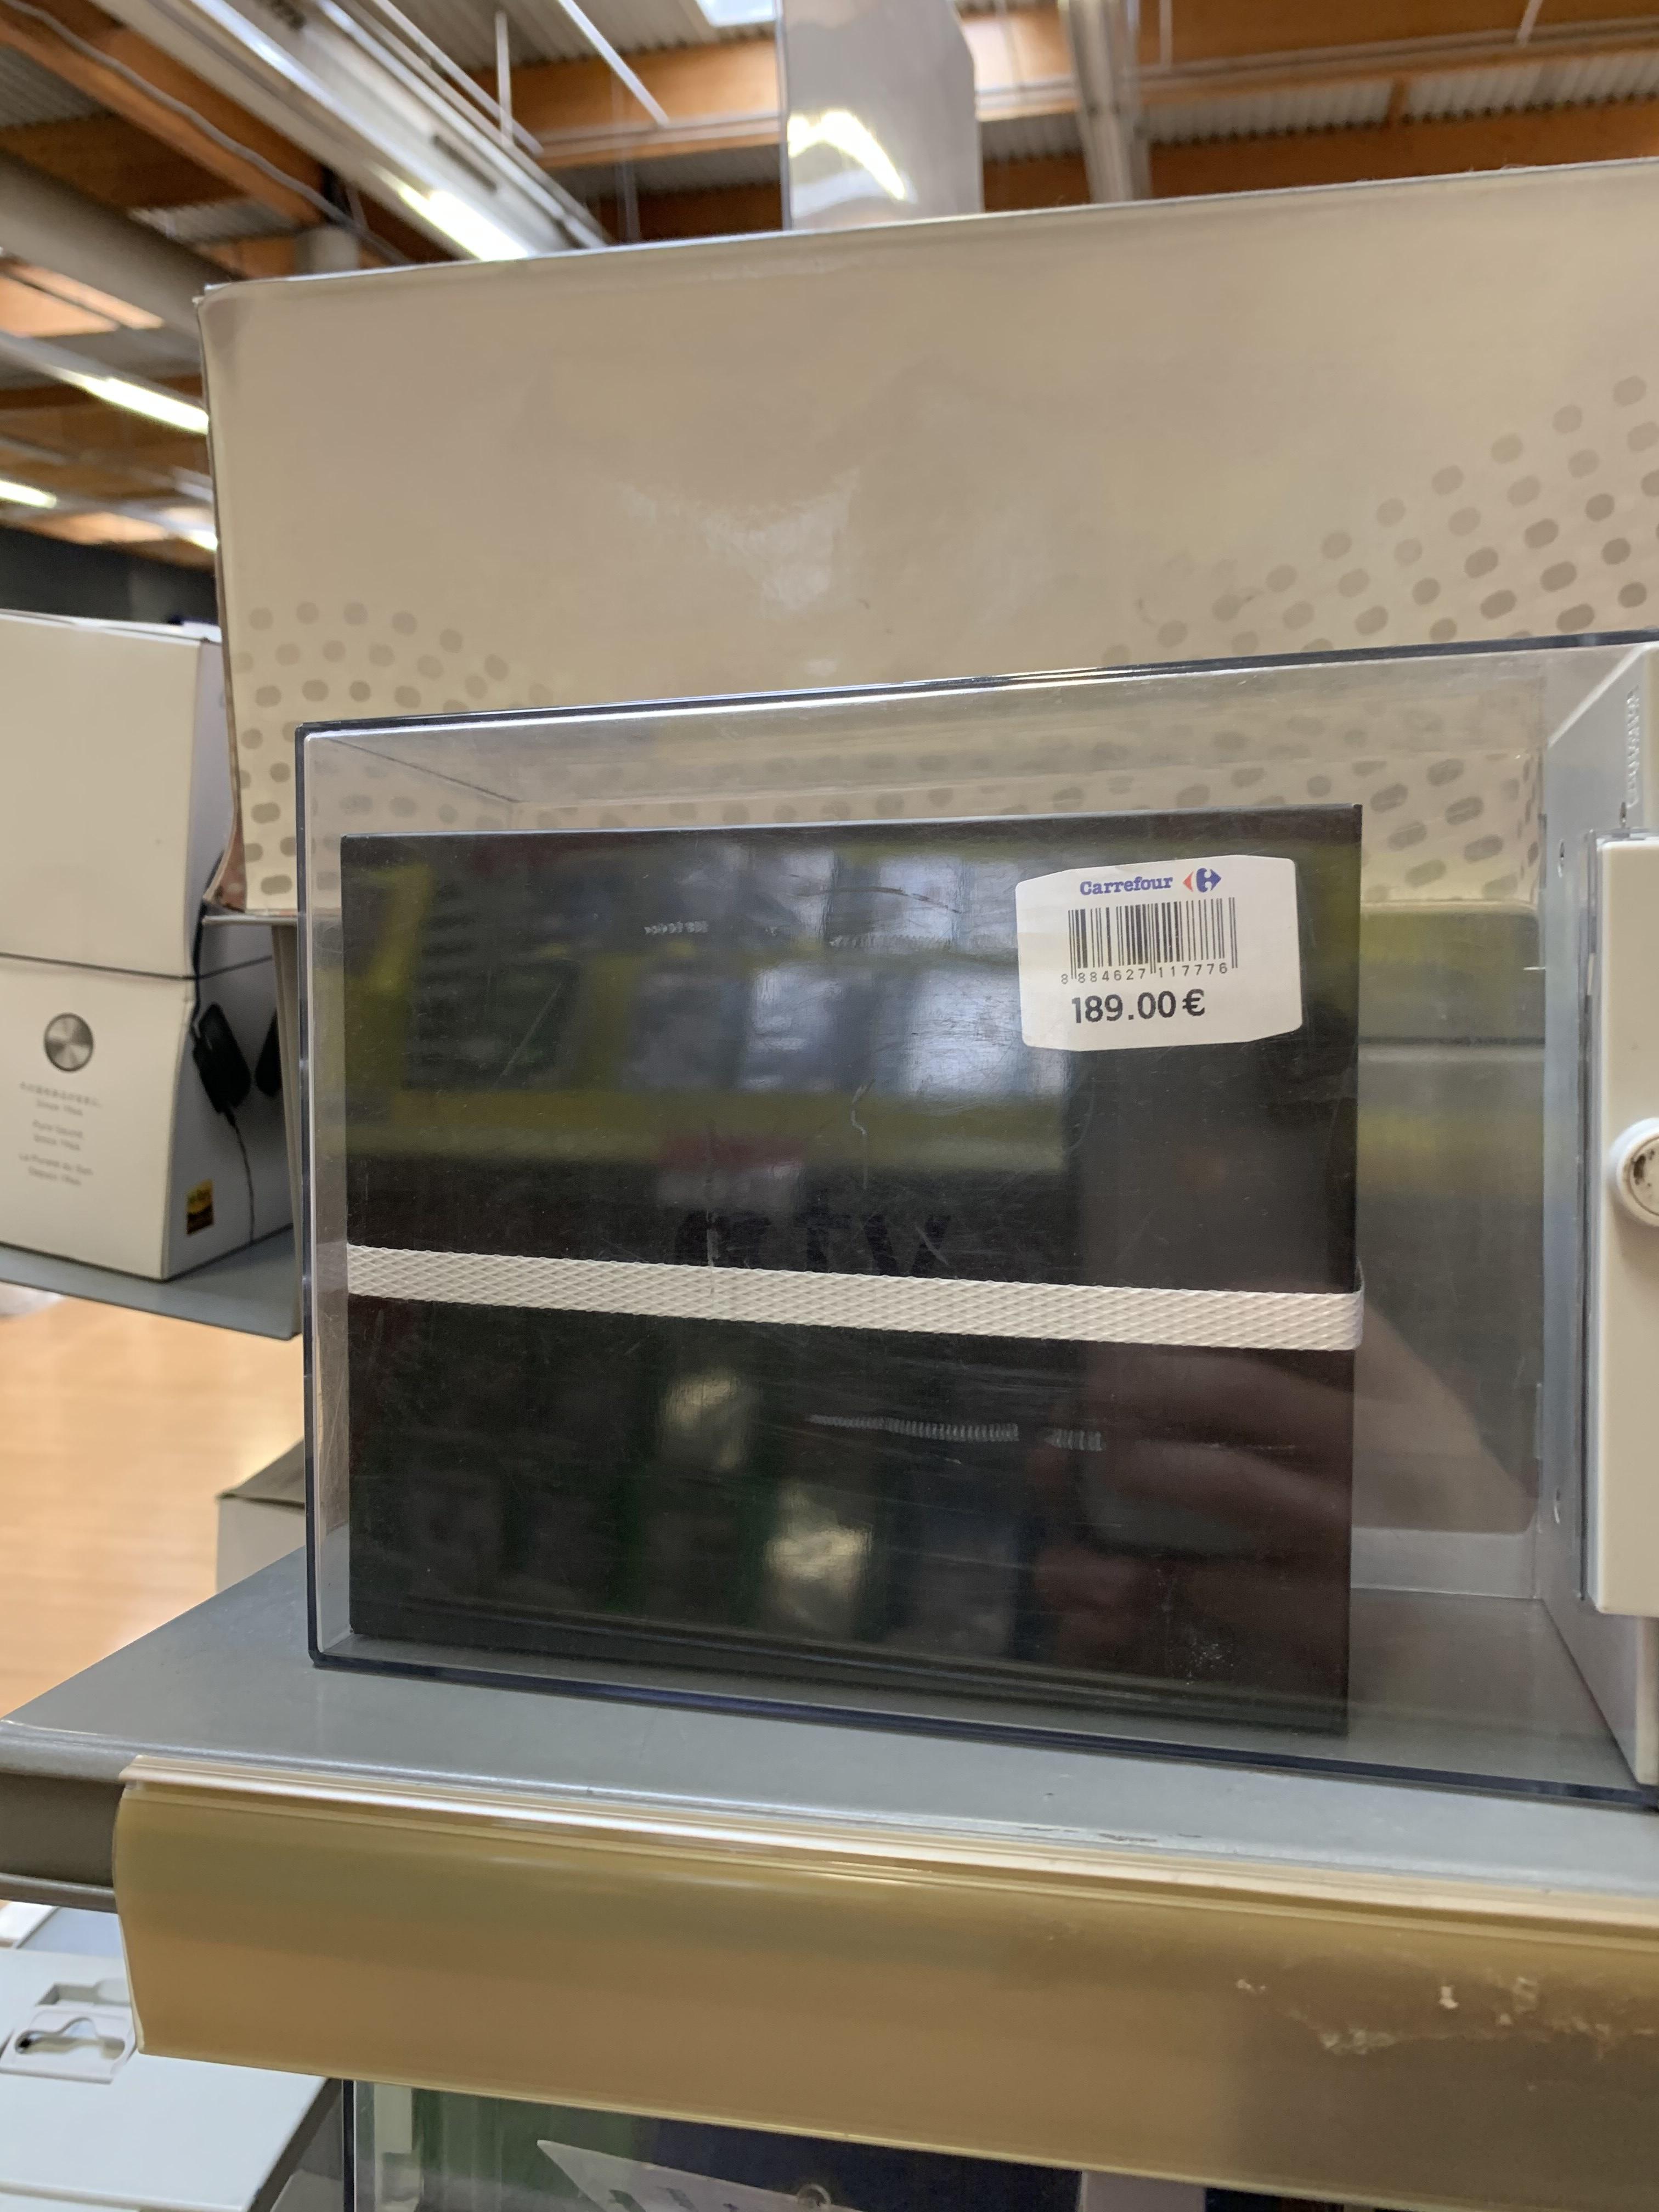 Apple TV MGY52Y/A 4ªGen 32GB (Carrefour Murcia)